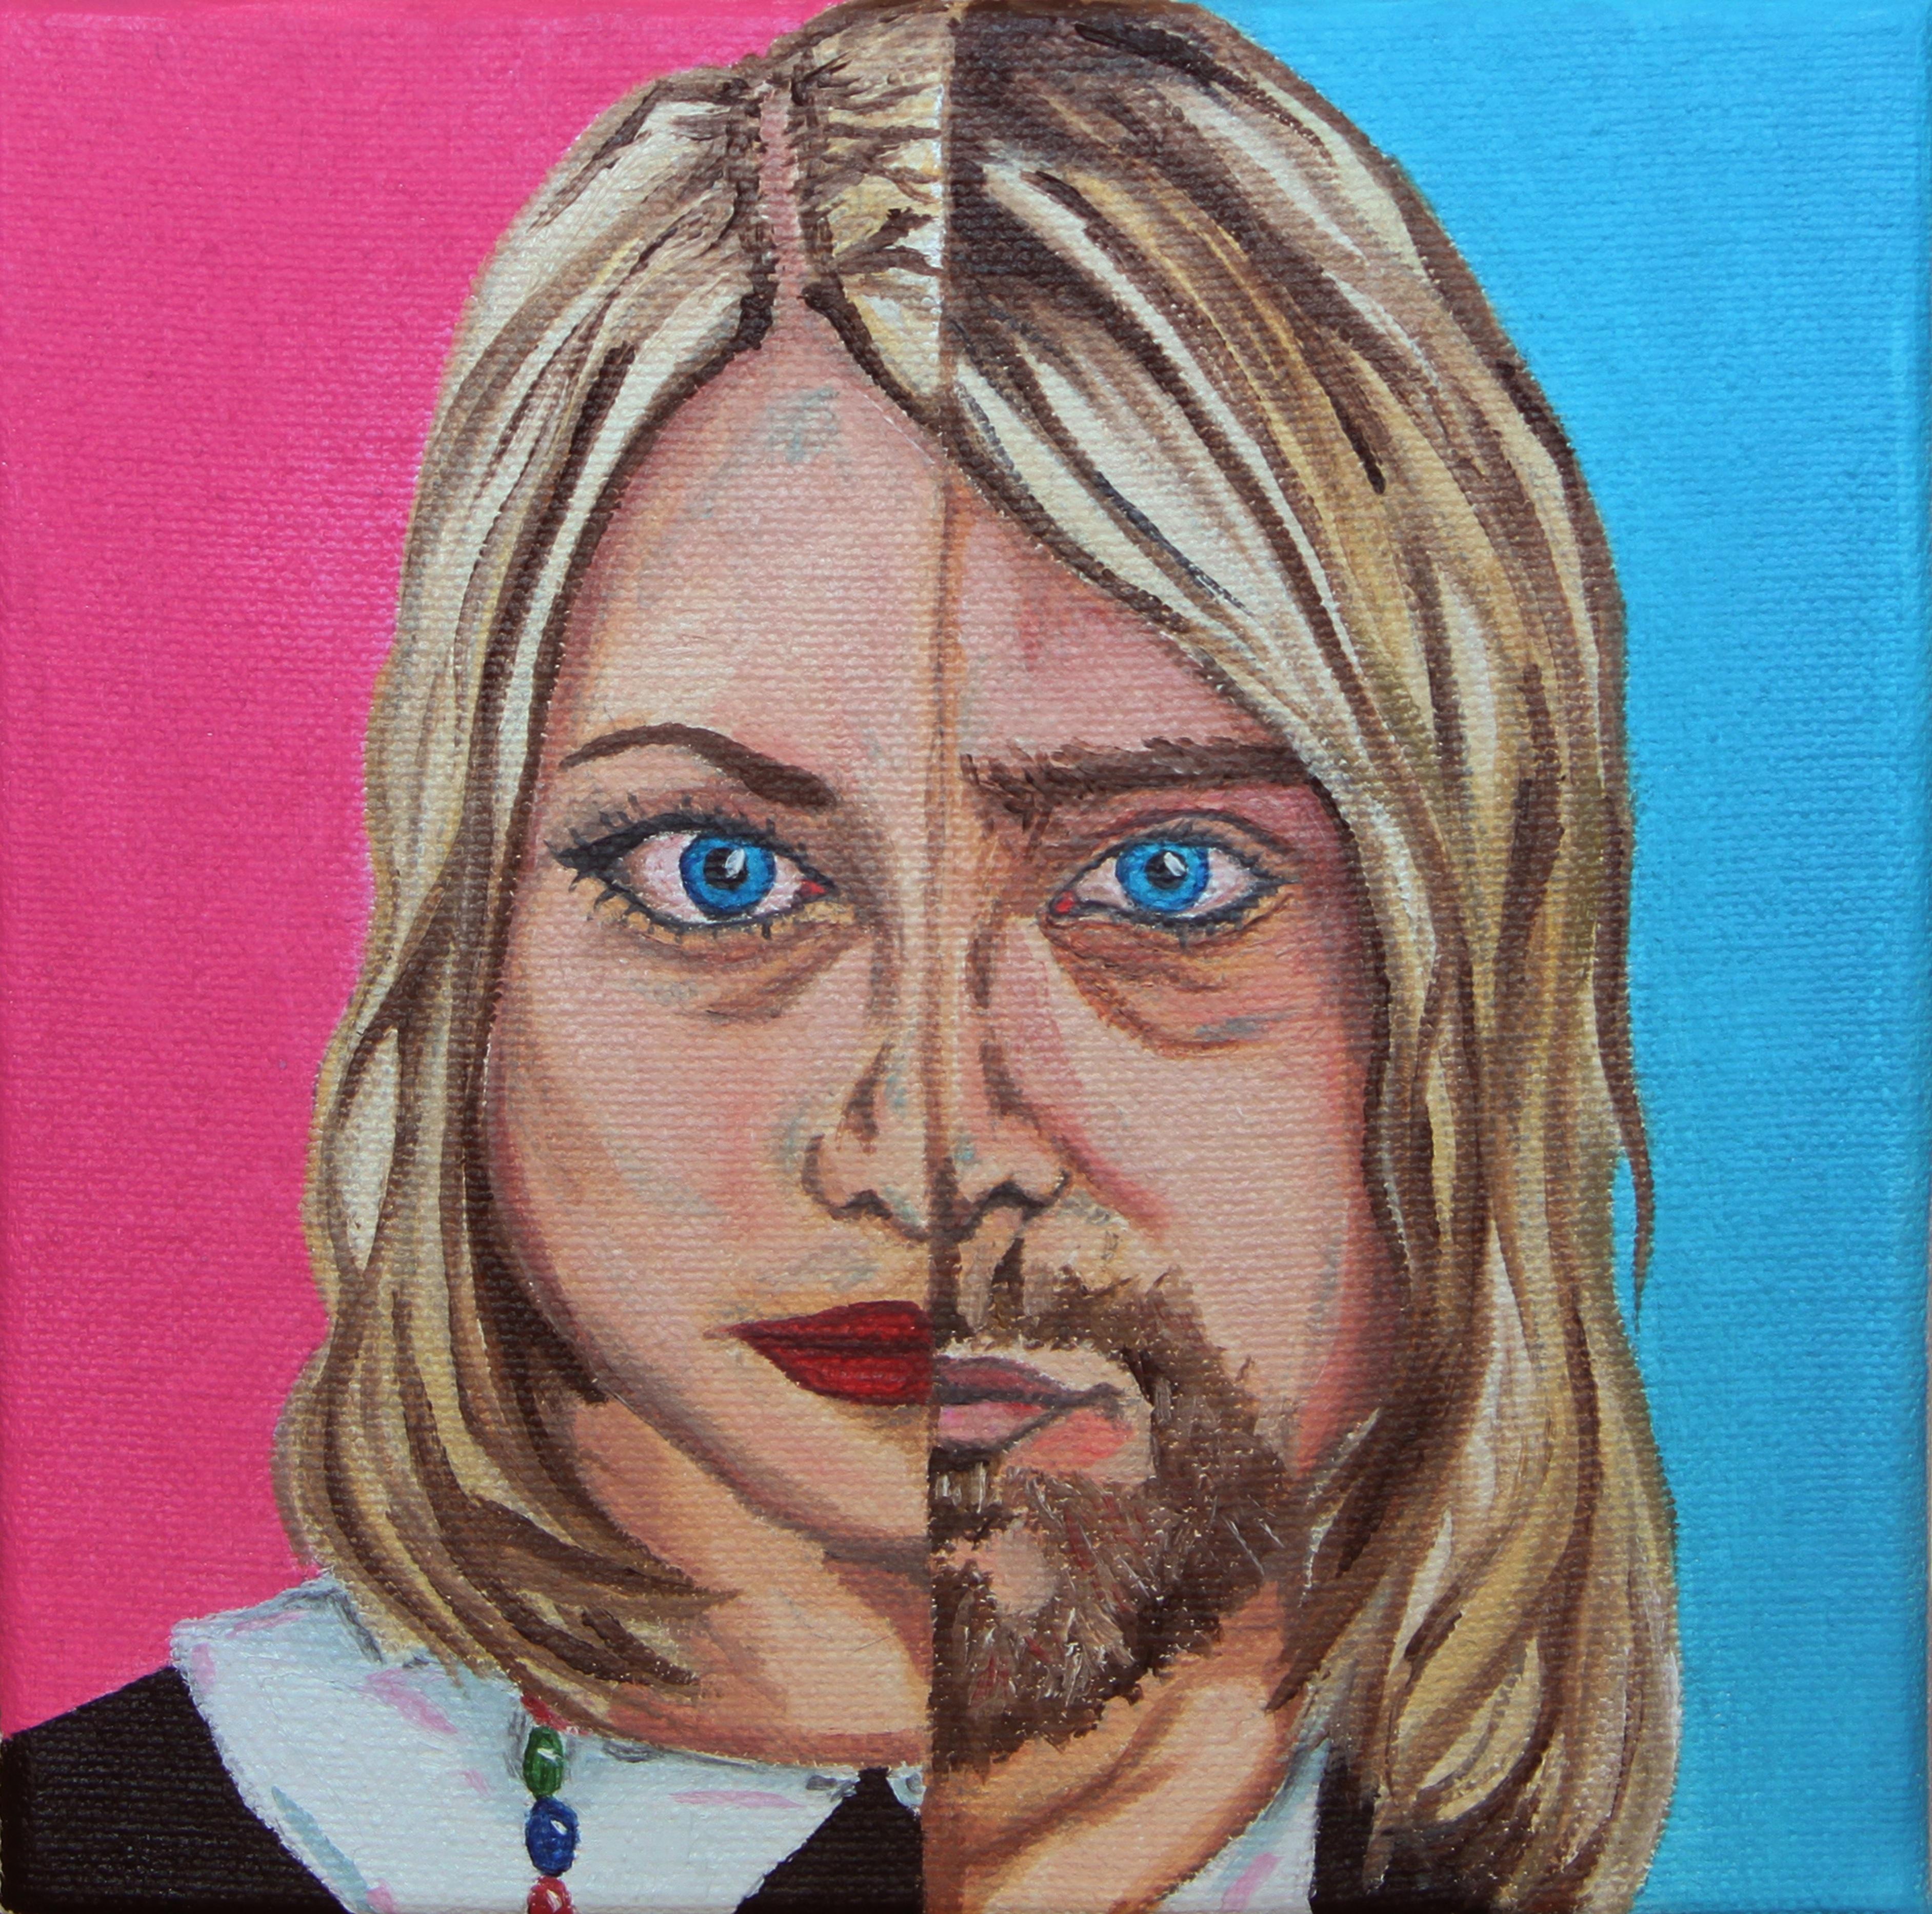 Me + Kurt Cobain